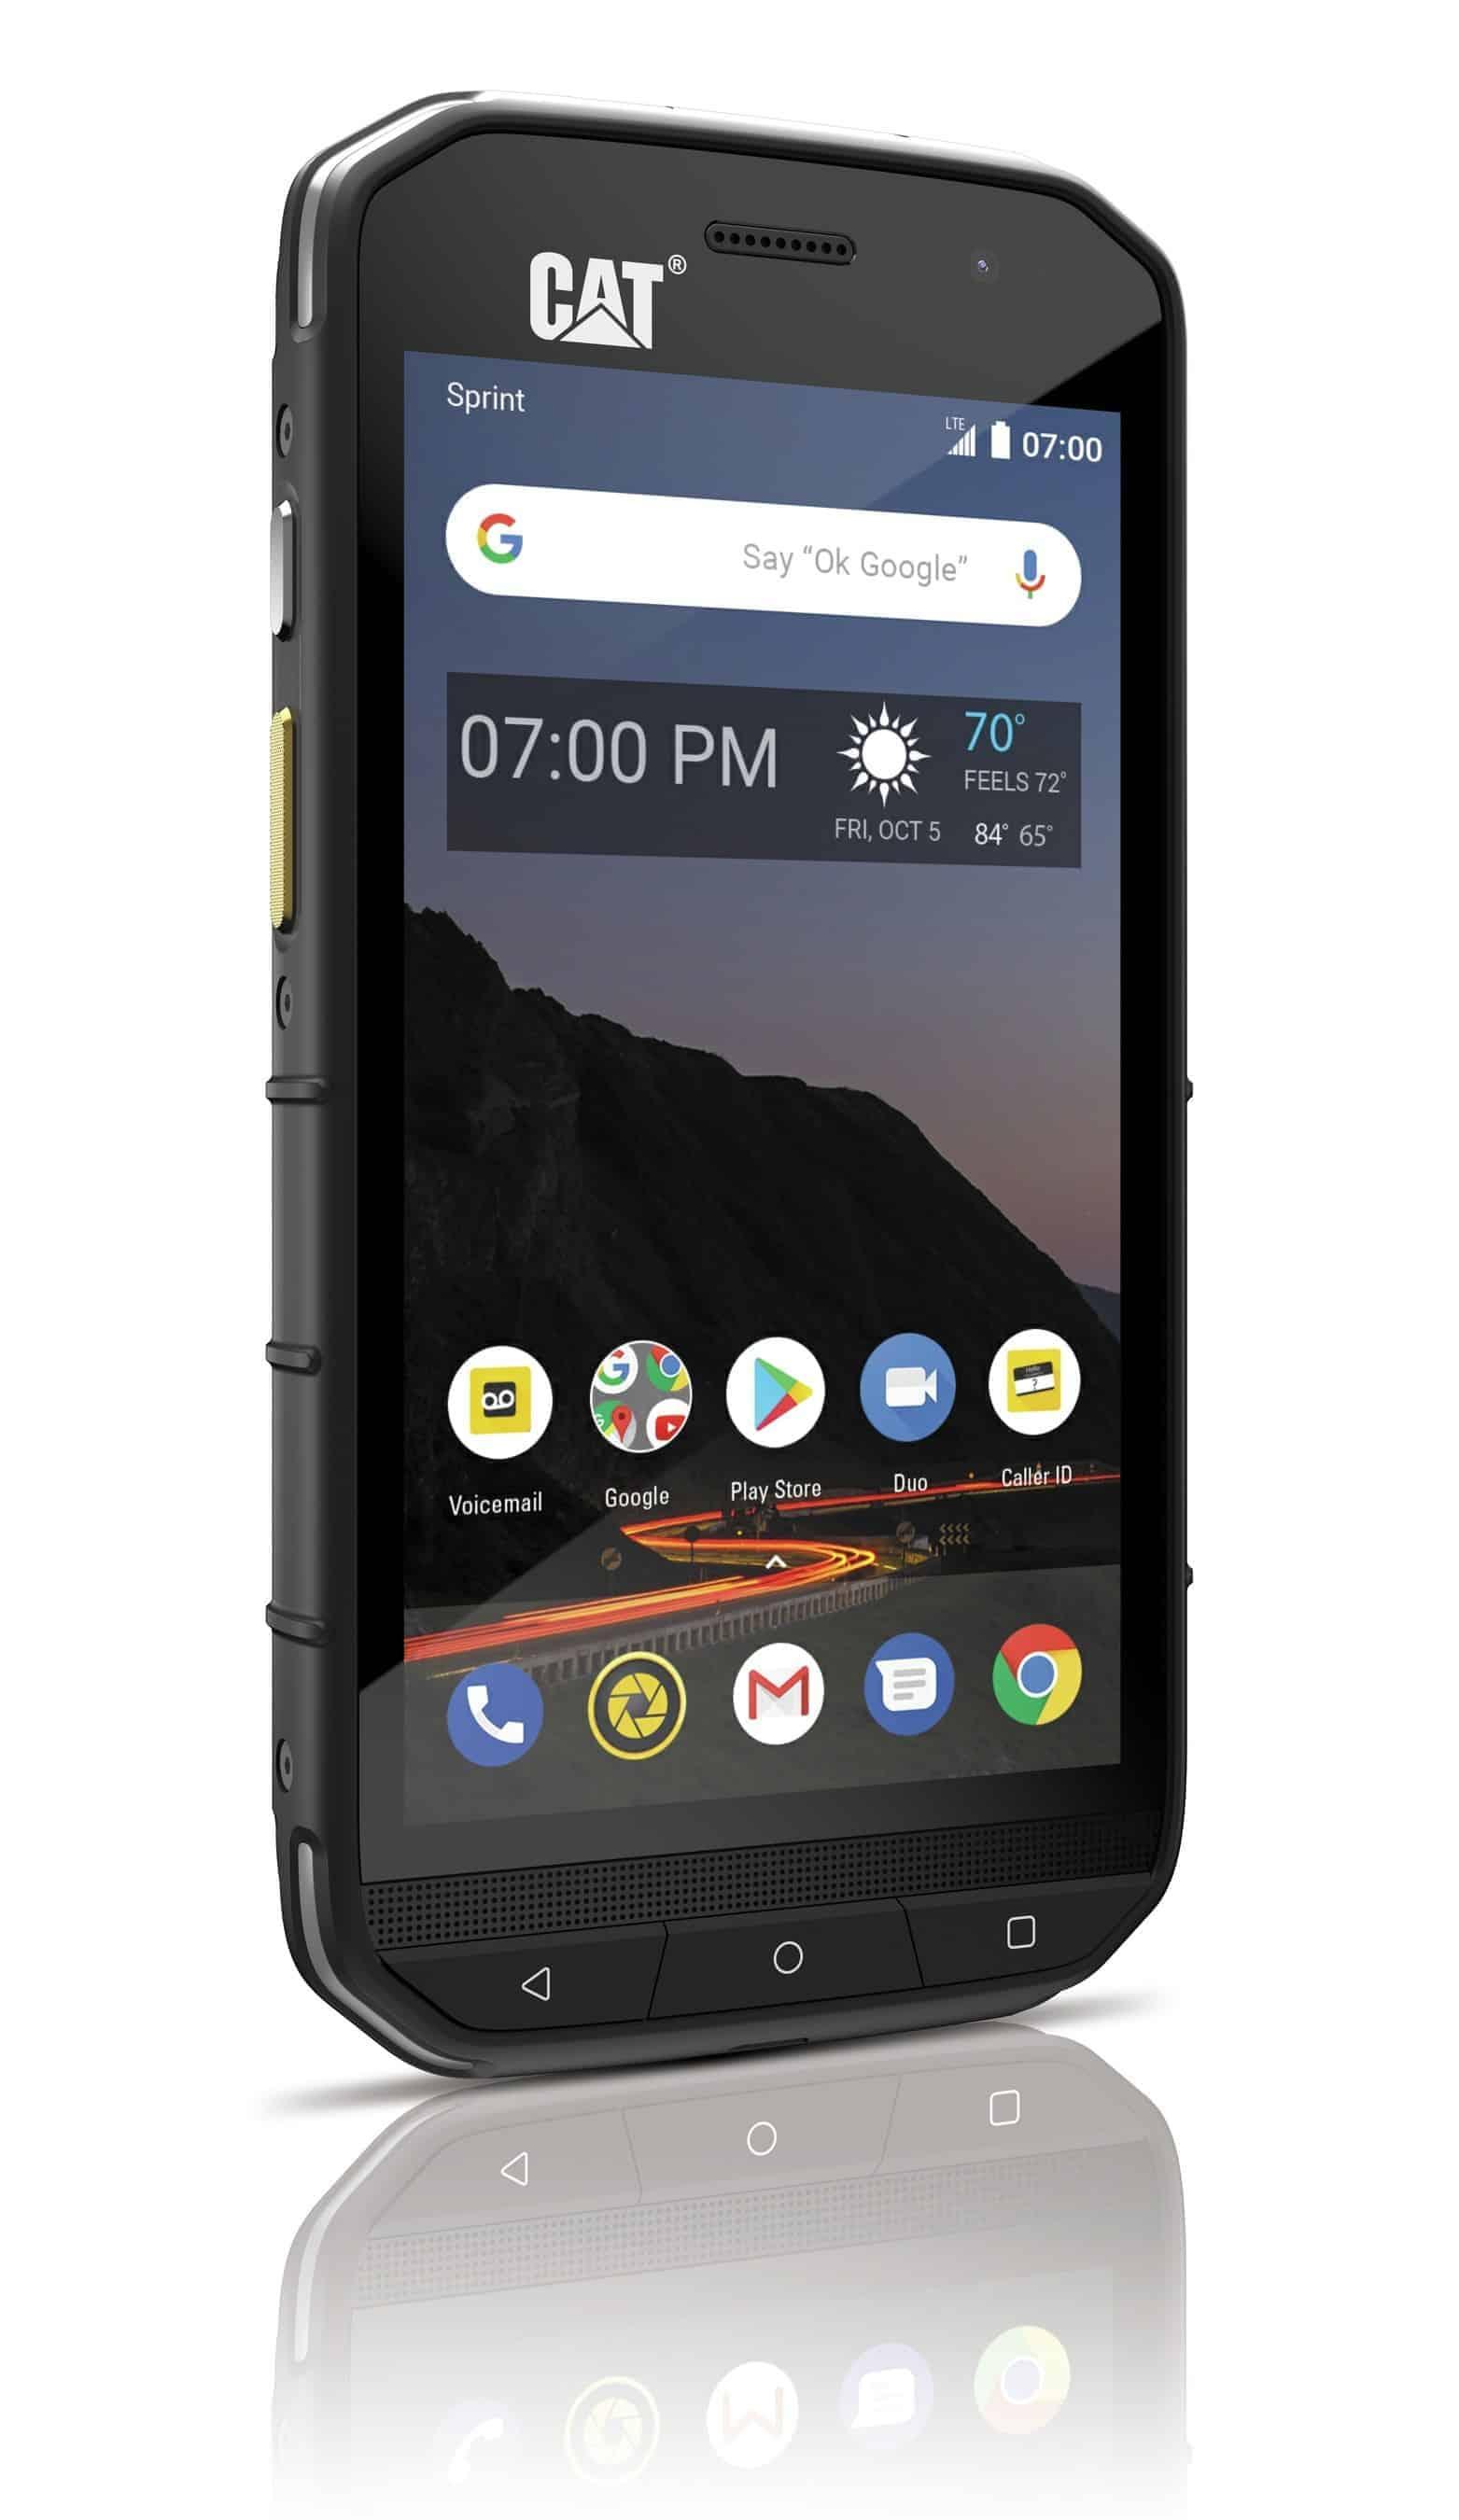 Cat S48c Smartphone